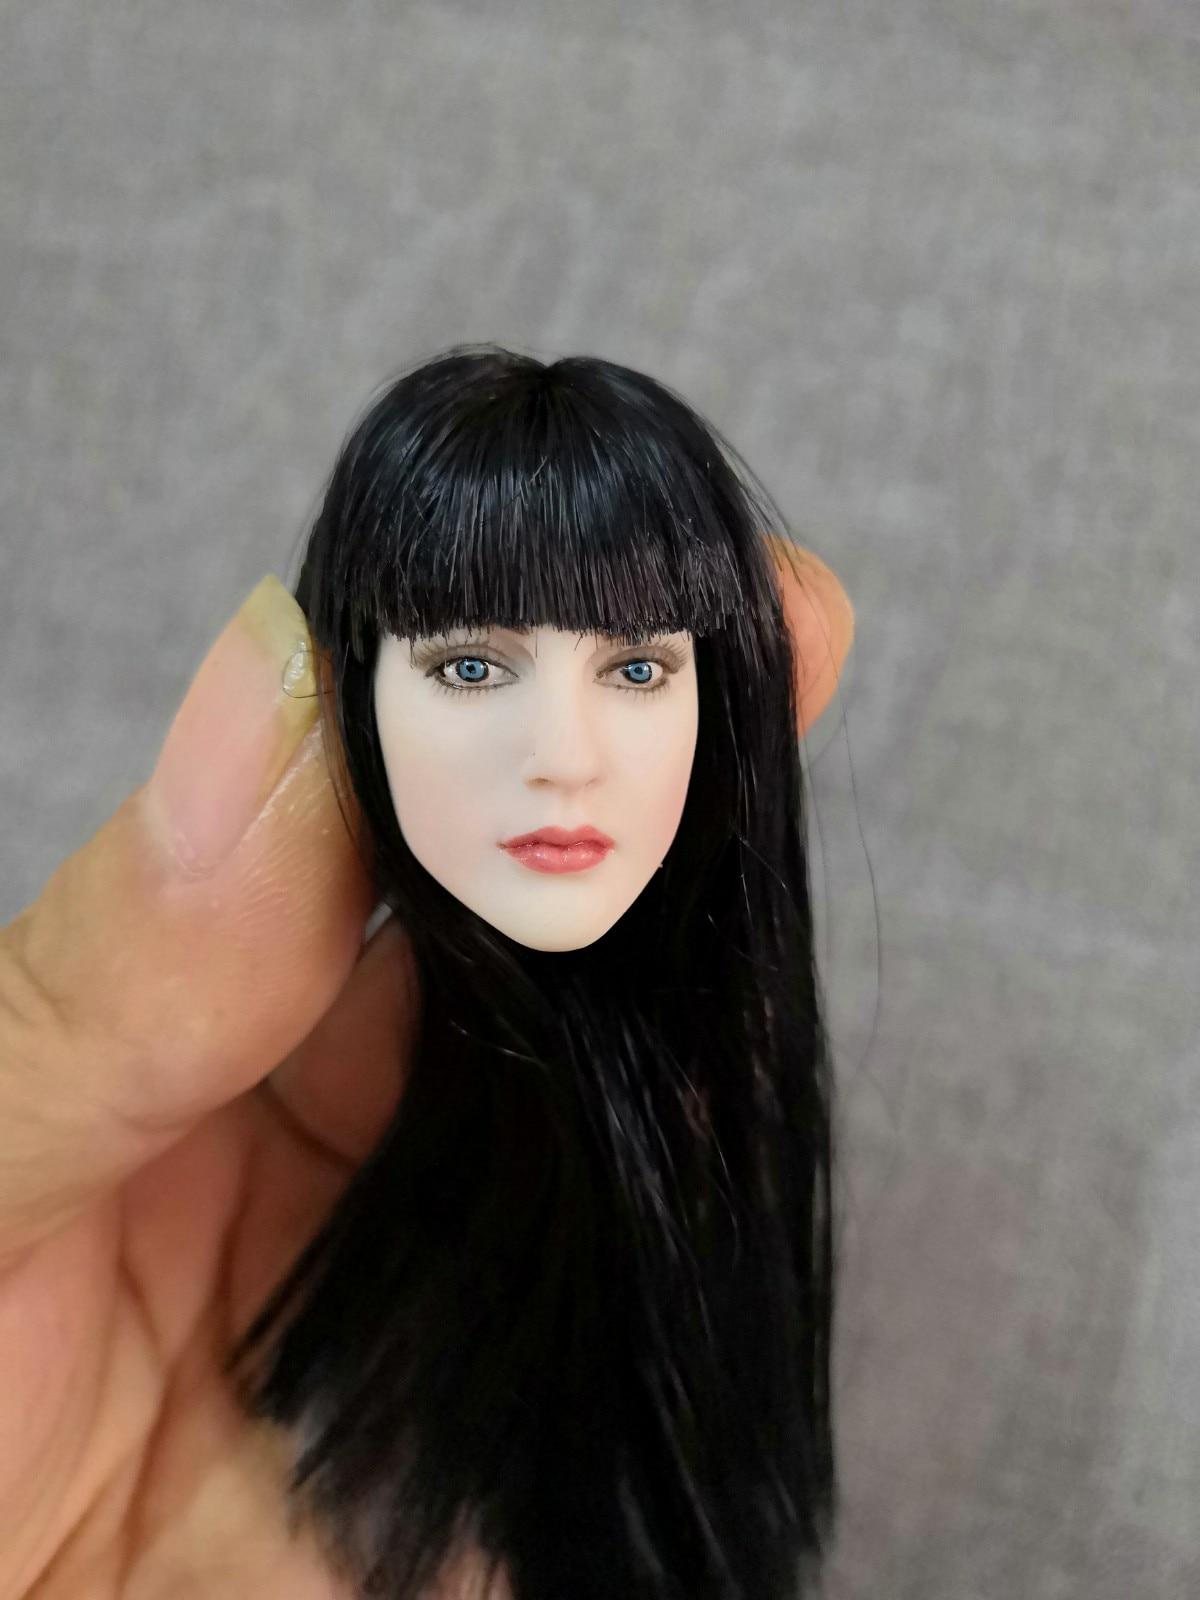 1/6 Female Head Sculpt Girl Head Asian Pale Skin Black Long Straight Hair 12 inches girl Women HT PH Body Figure aisi hair 1b 6 inches